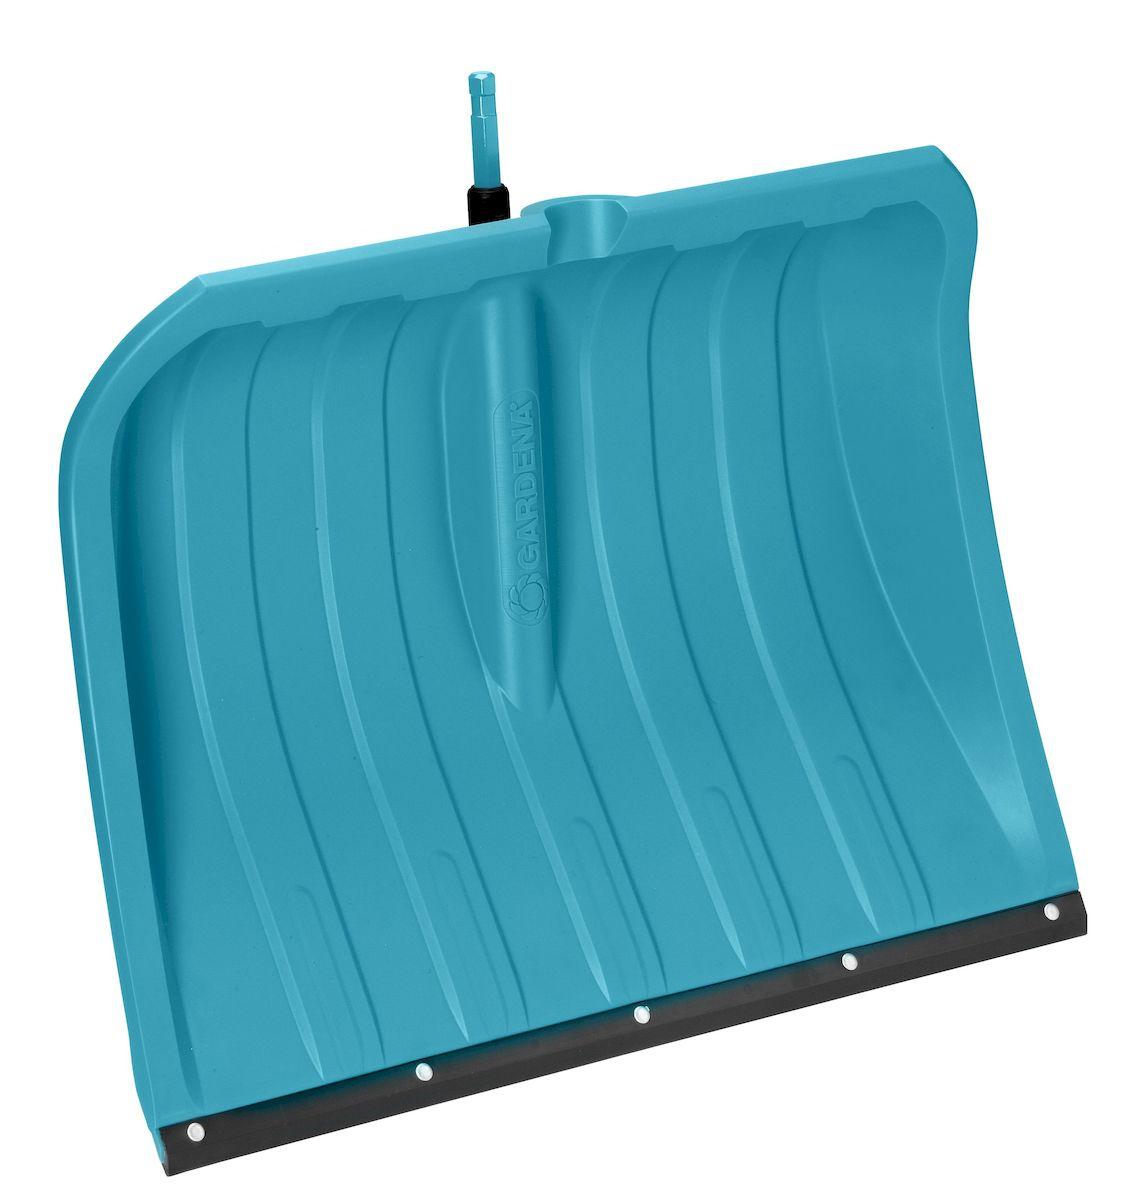 Gardena Лопата для уборки снега 50 см c пластиковой кромкой03241-20.000.00Уборка снега, высококачетсвенный пластик; устойчивость к морозу до -40 градусов и соли, рабочая ширина 50см, рекомендуемая длина ручки 130см (3723-20). Бесшумная, износостойкая пластиковая кромка, неповреждающая поверхность. Идеальна для всех типов грунта, особенно хорошо подходит для неровных поверхностей, таких как натуральный камень, тротуарная или керамическая плитка.